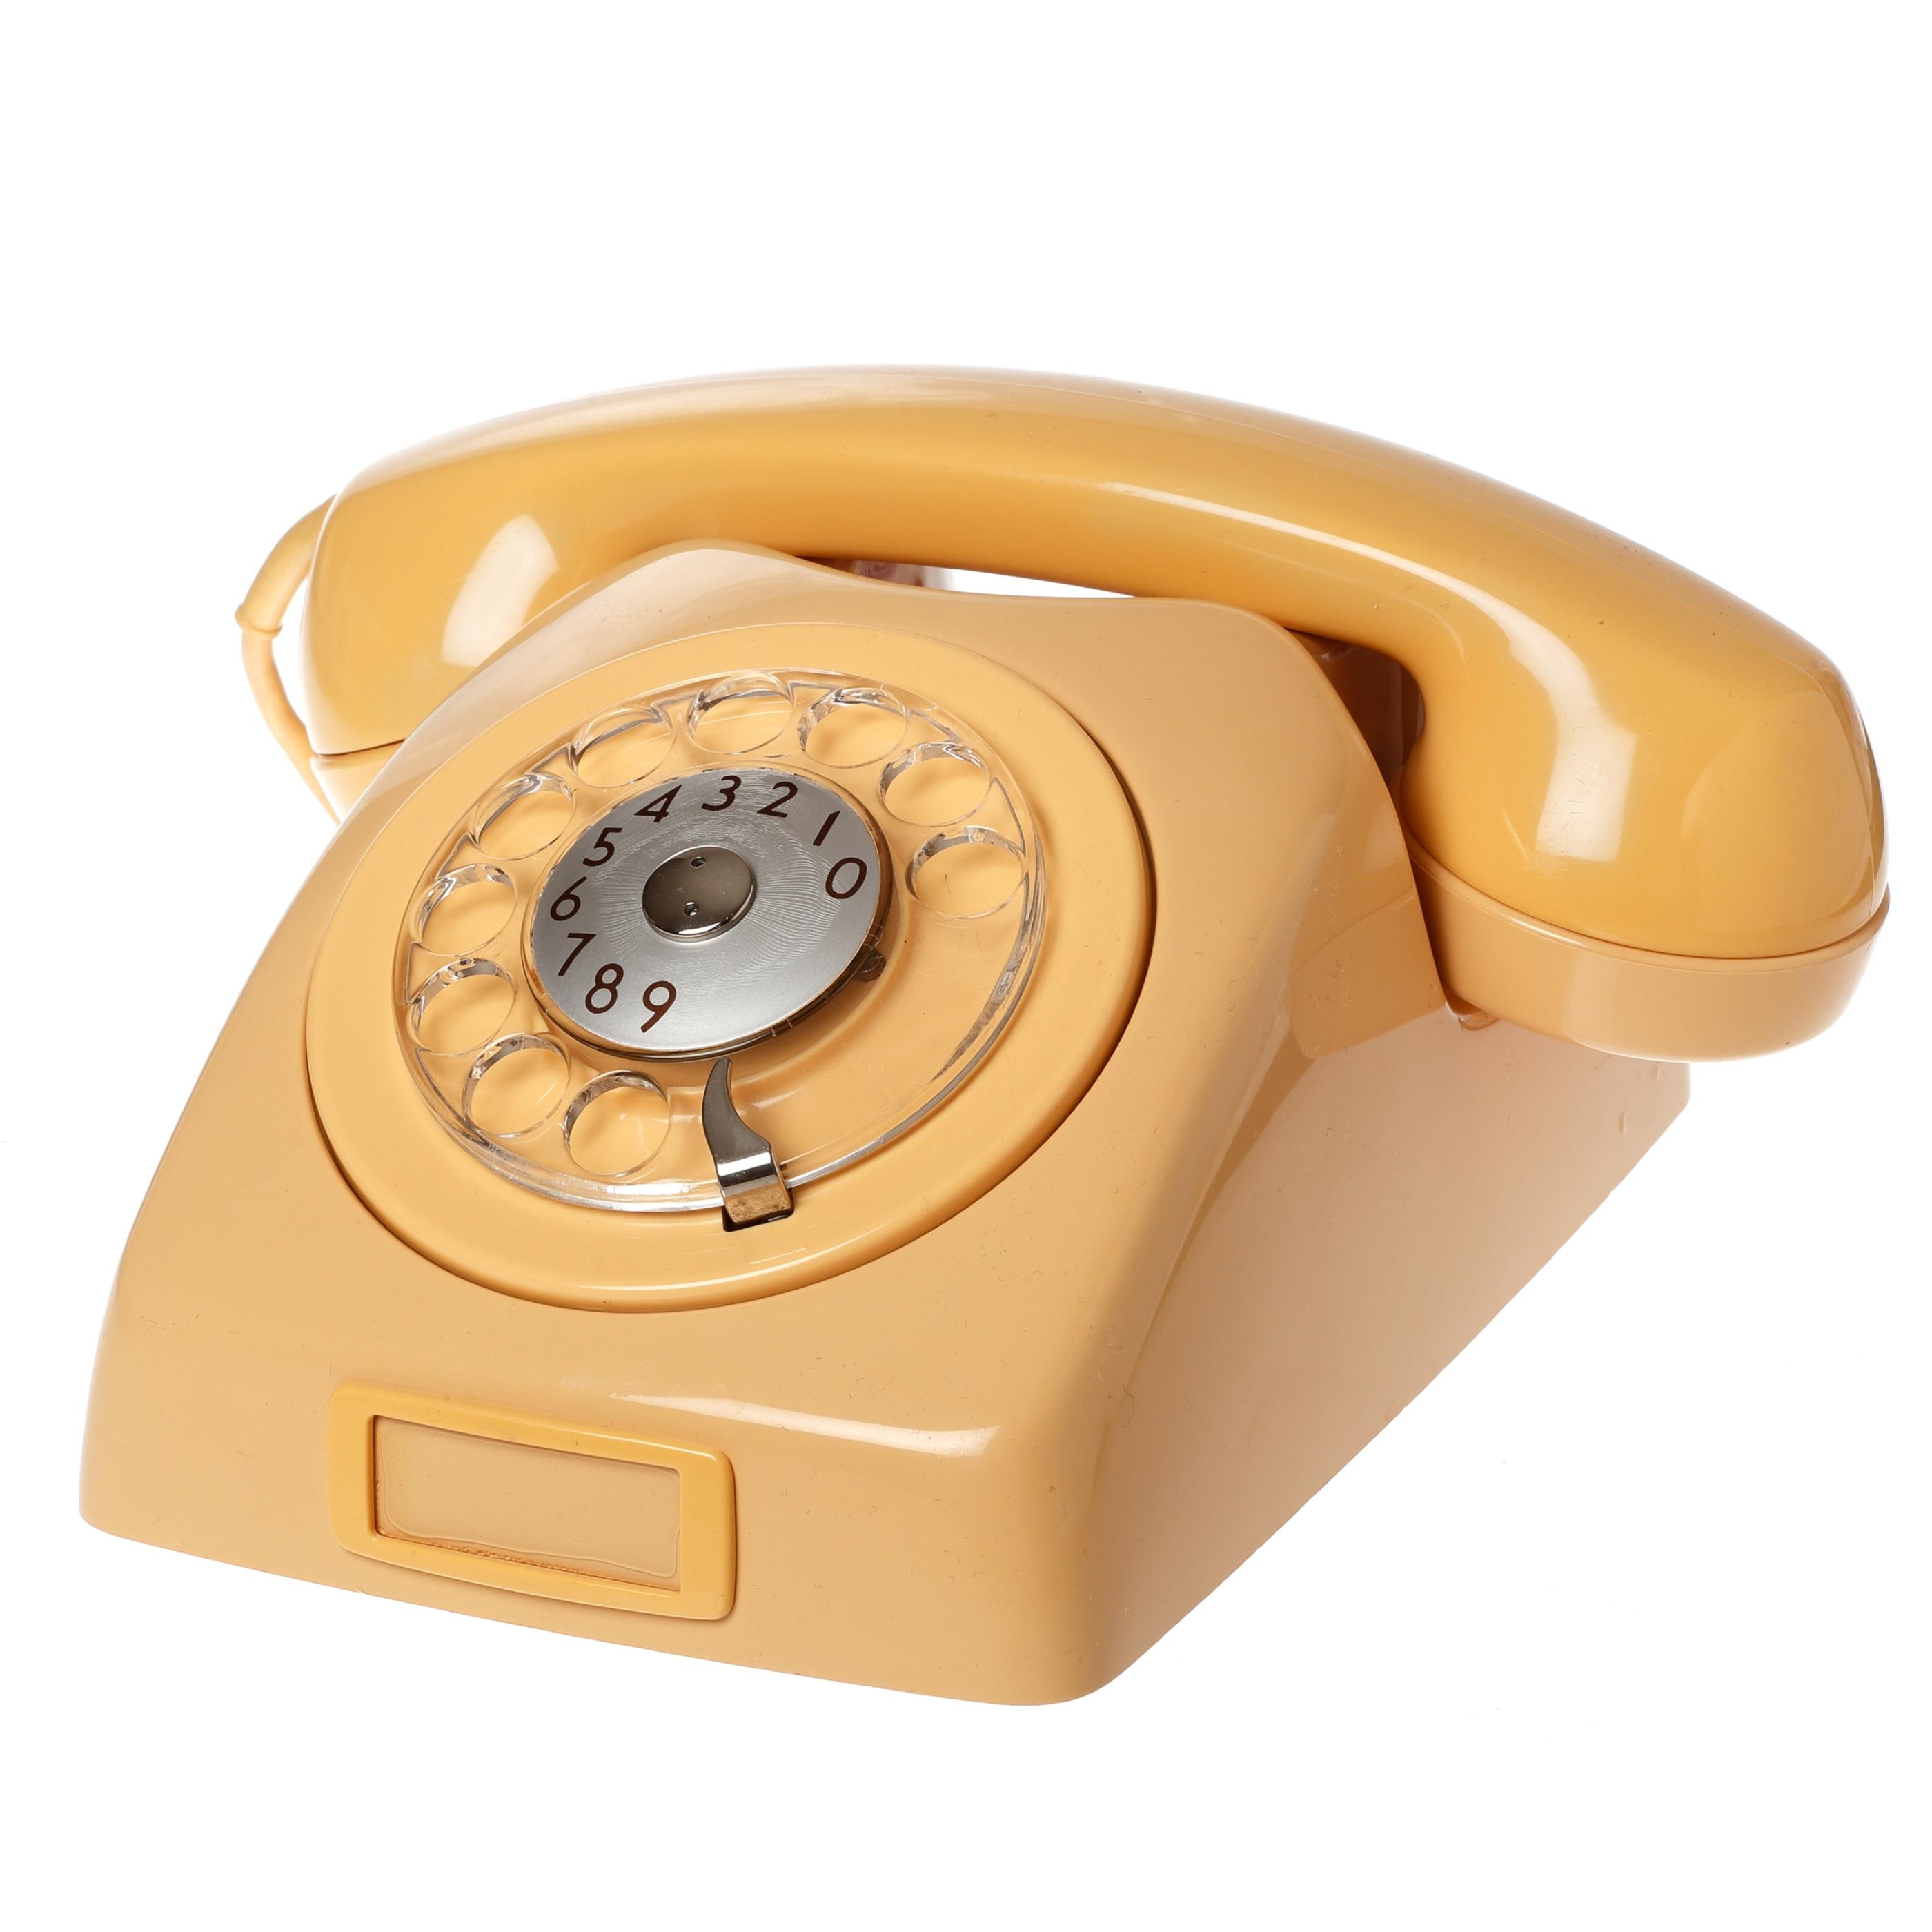 Svensk Ericsson telefon dialog 3333 x 3333 shutterstock_510281545